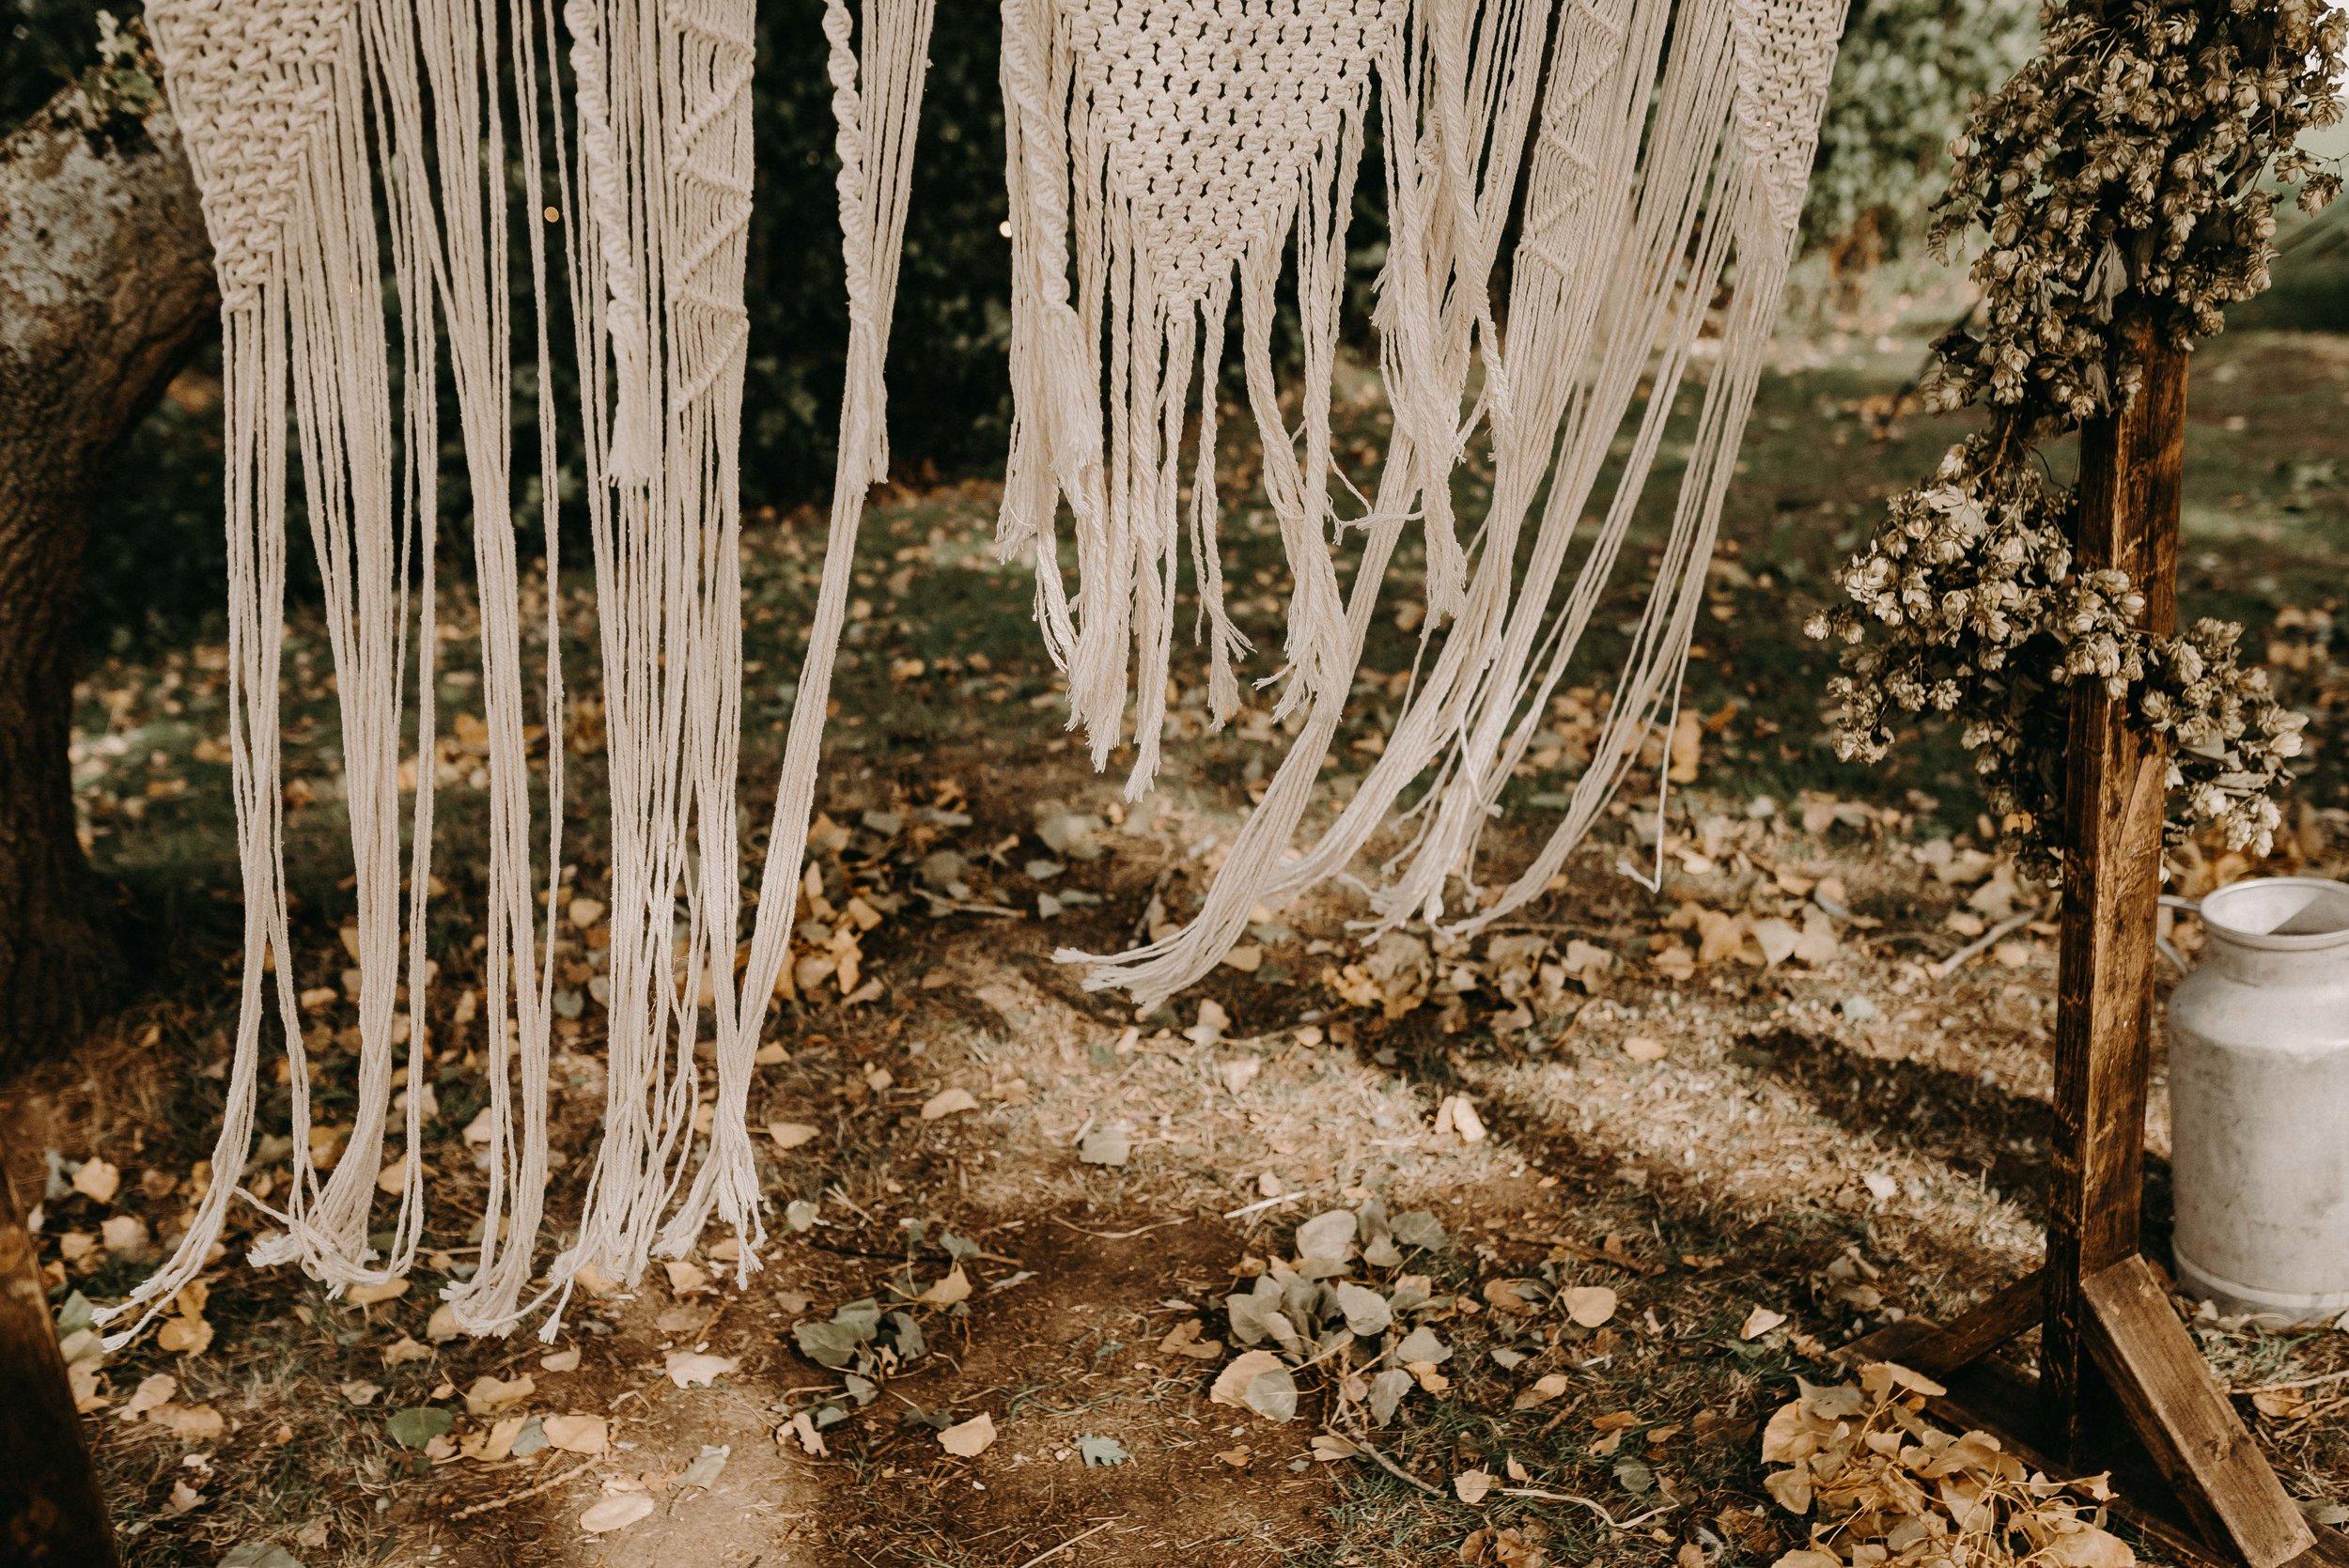 chalkney-water-meadows-styled-shoot-284.jpg